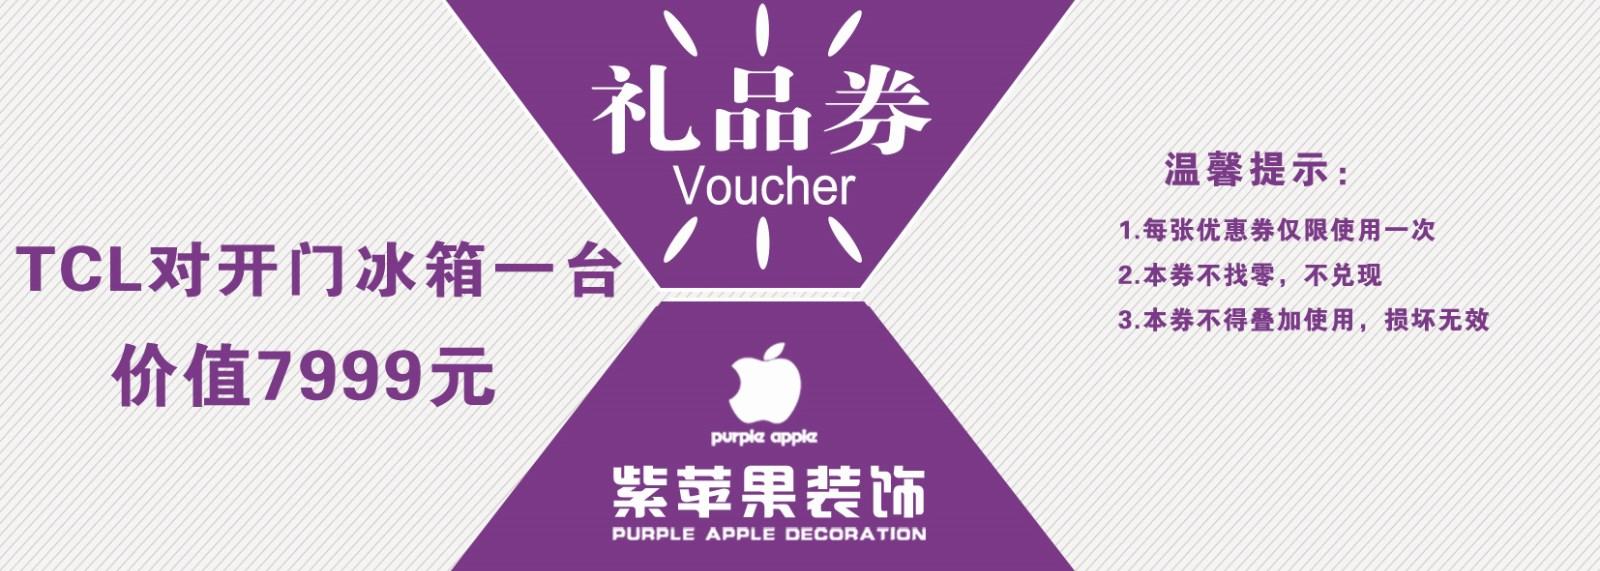 紫苹果装饰懂爱更懂家24小时自尊热线:18119413603